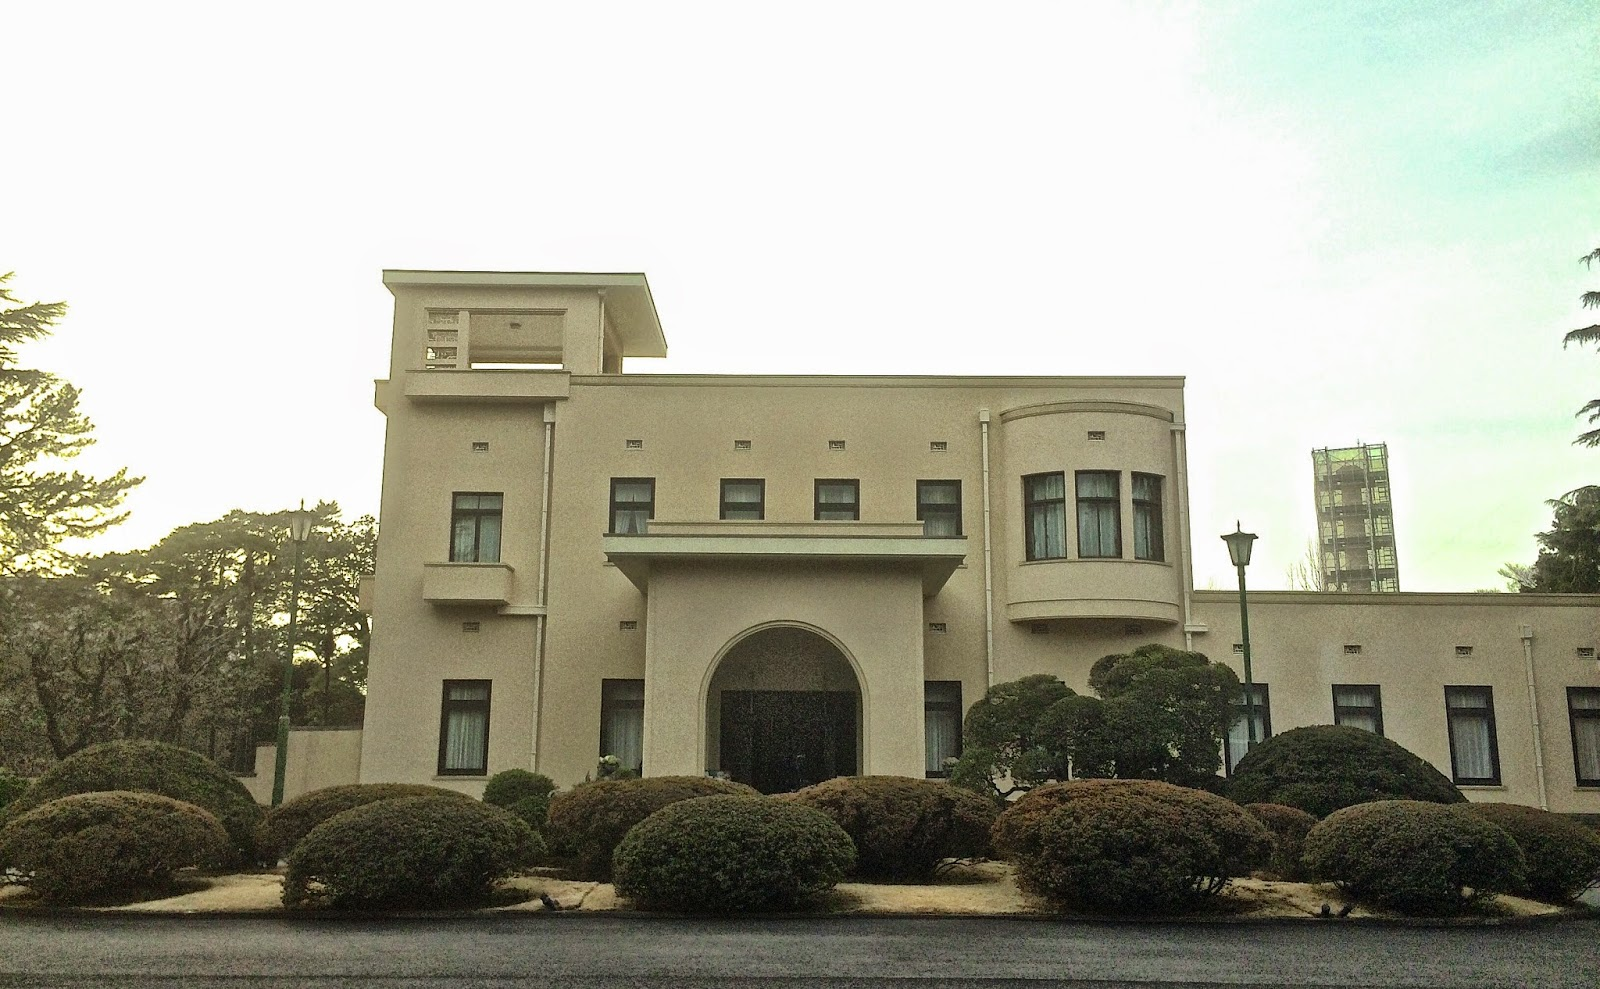 東京観光 東京都庭園美術館 Tokyo Metropolitan Teien Art Museum